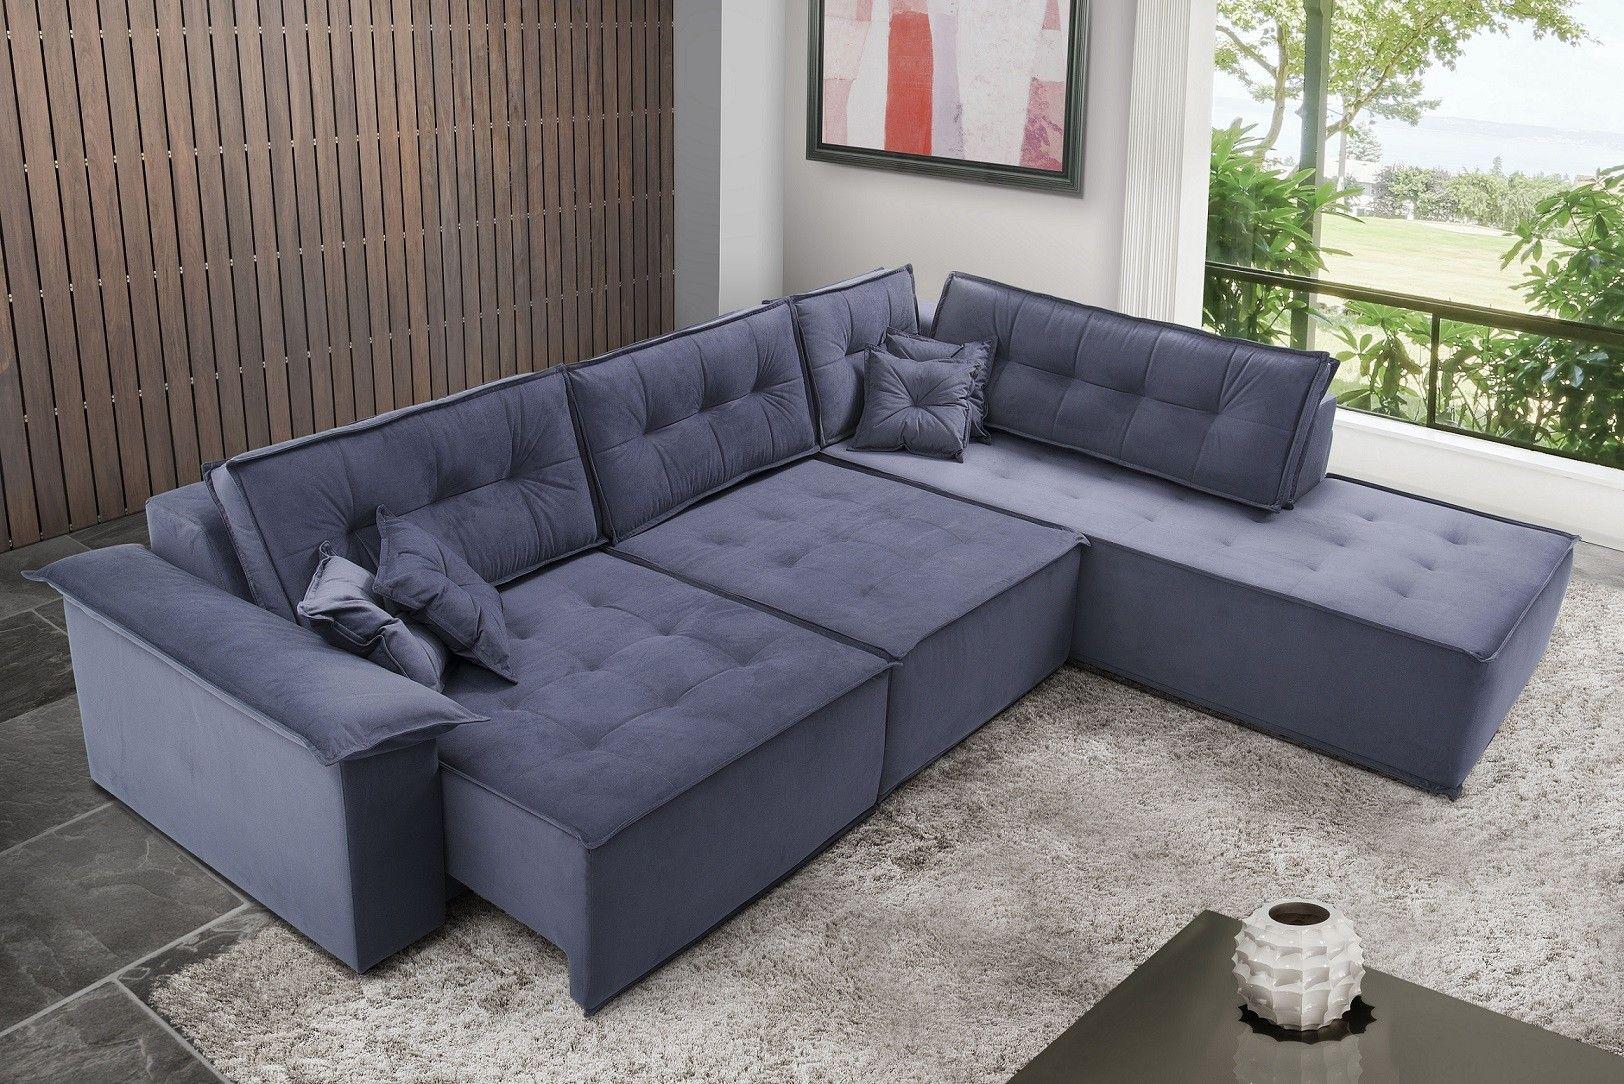 Resultado de imagem para sofa retratil de canto  mnni